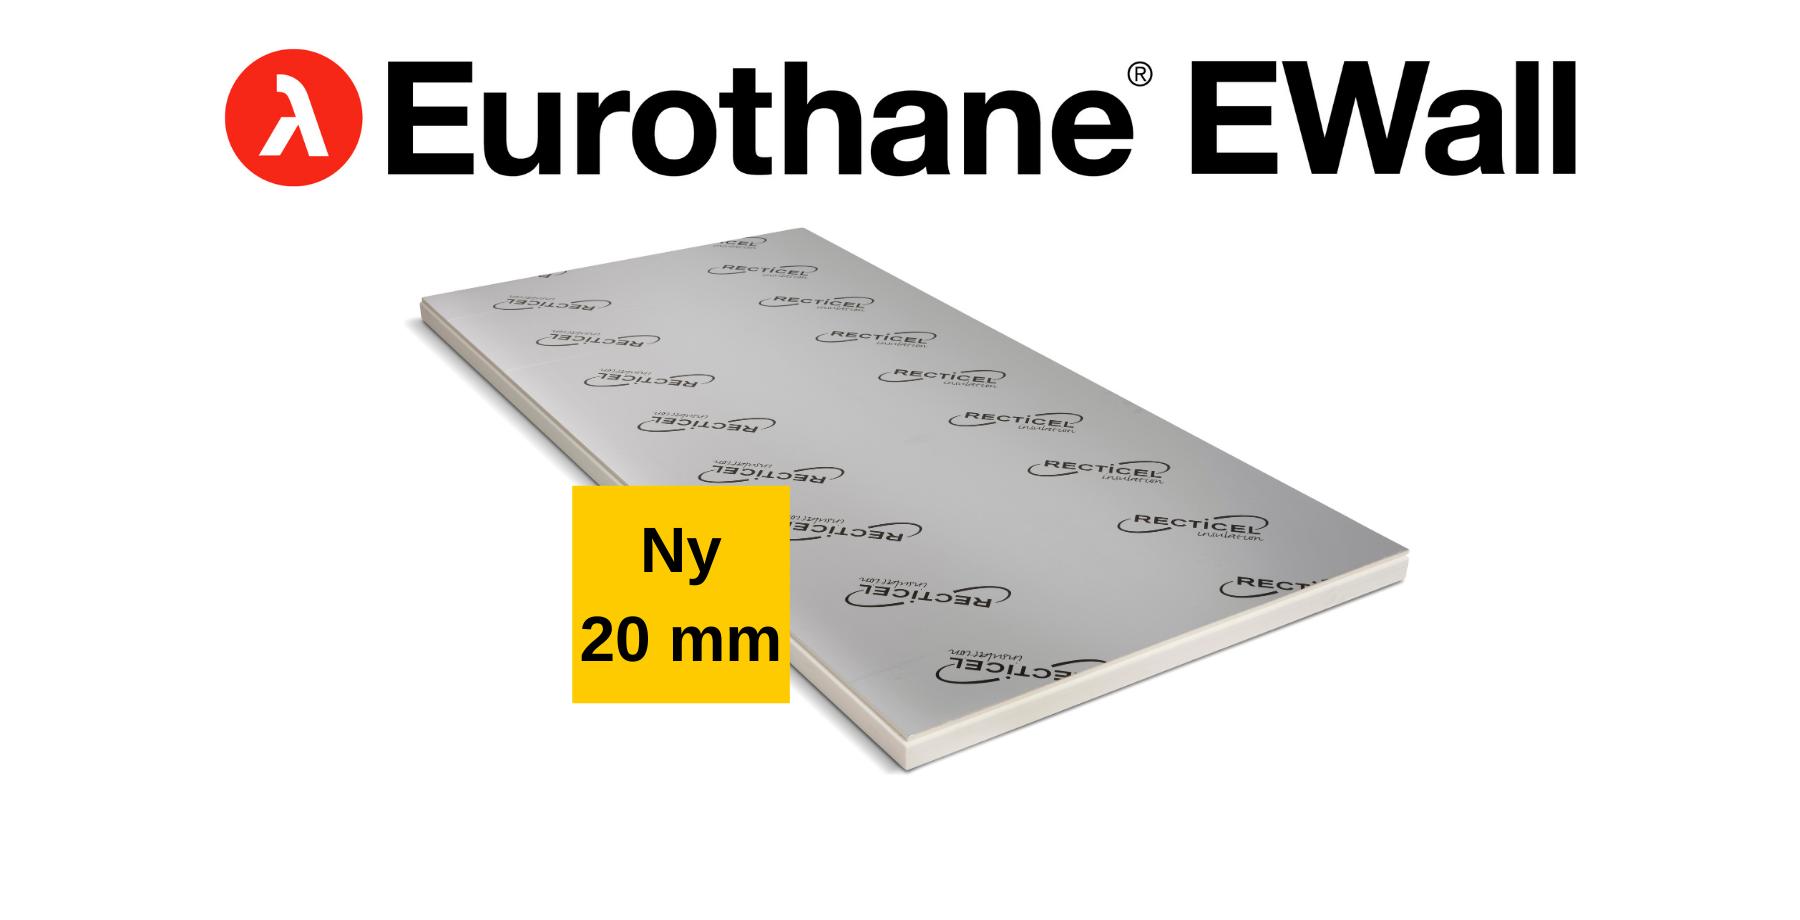 Eurothane EWall 20 mm